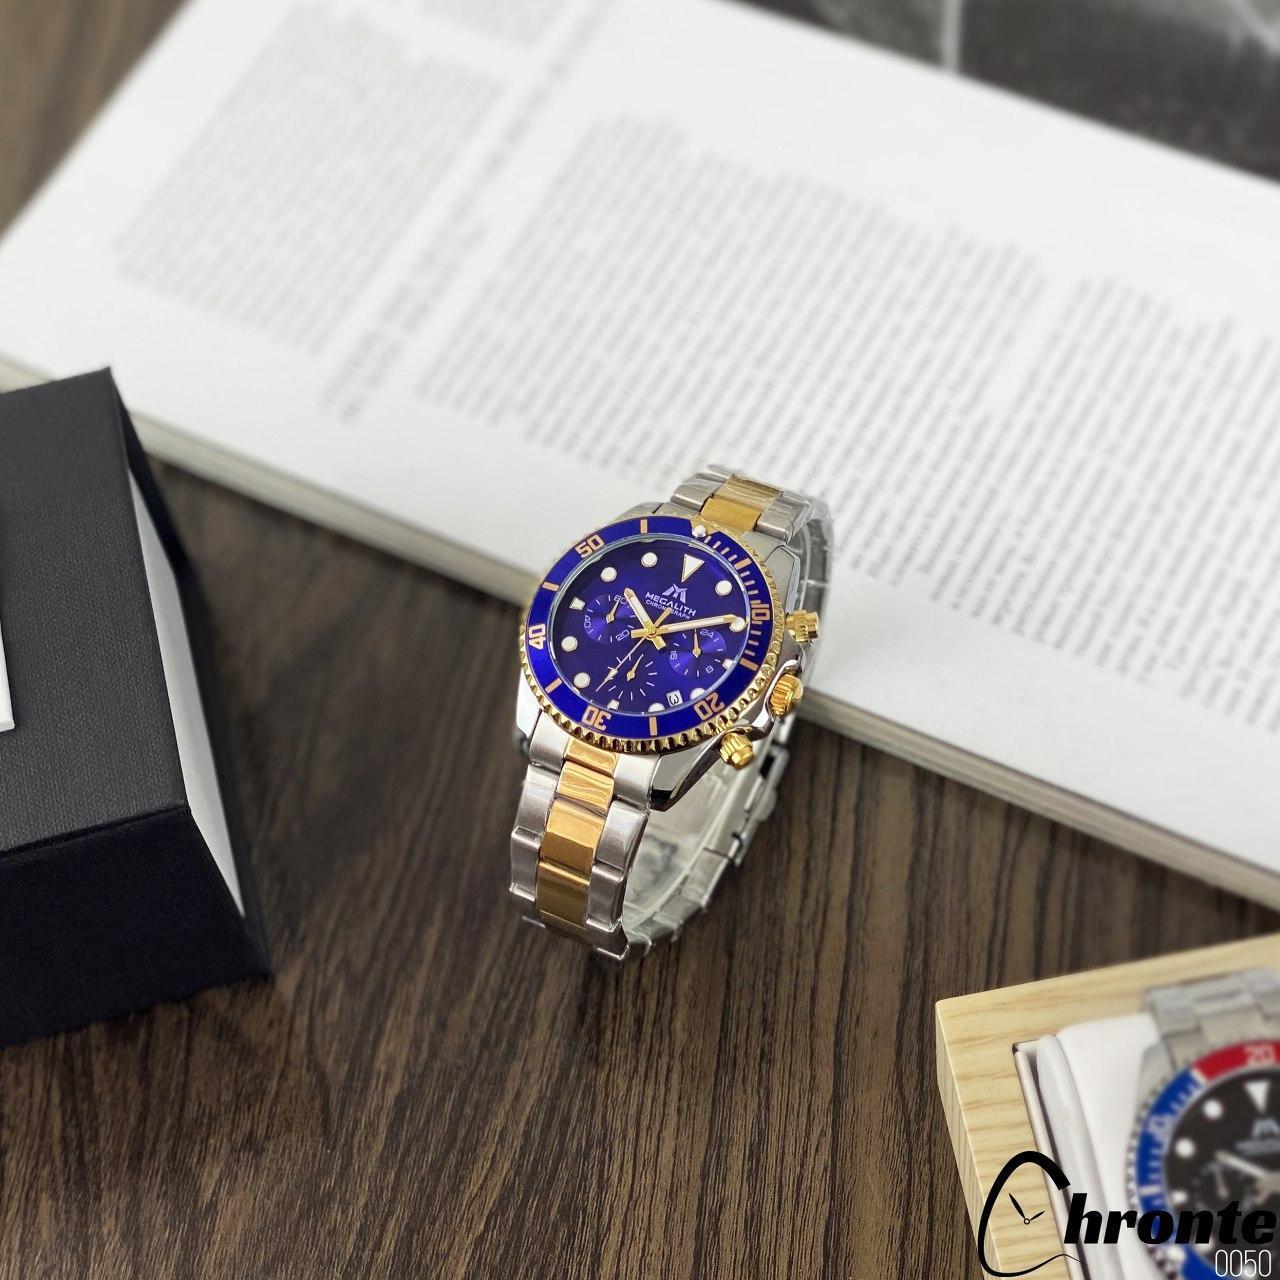 Чоловічі наручні годинники Chronte Nicolas Silver-Gold-Blue